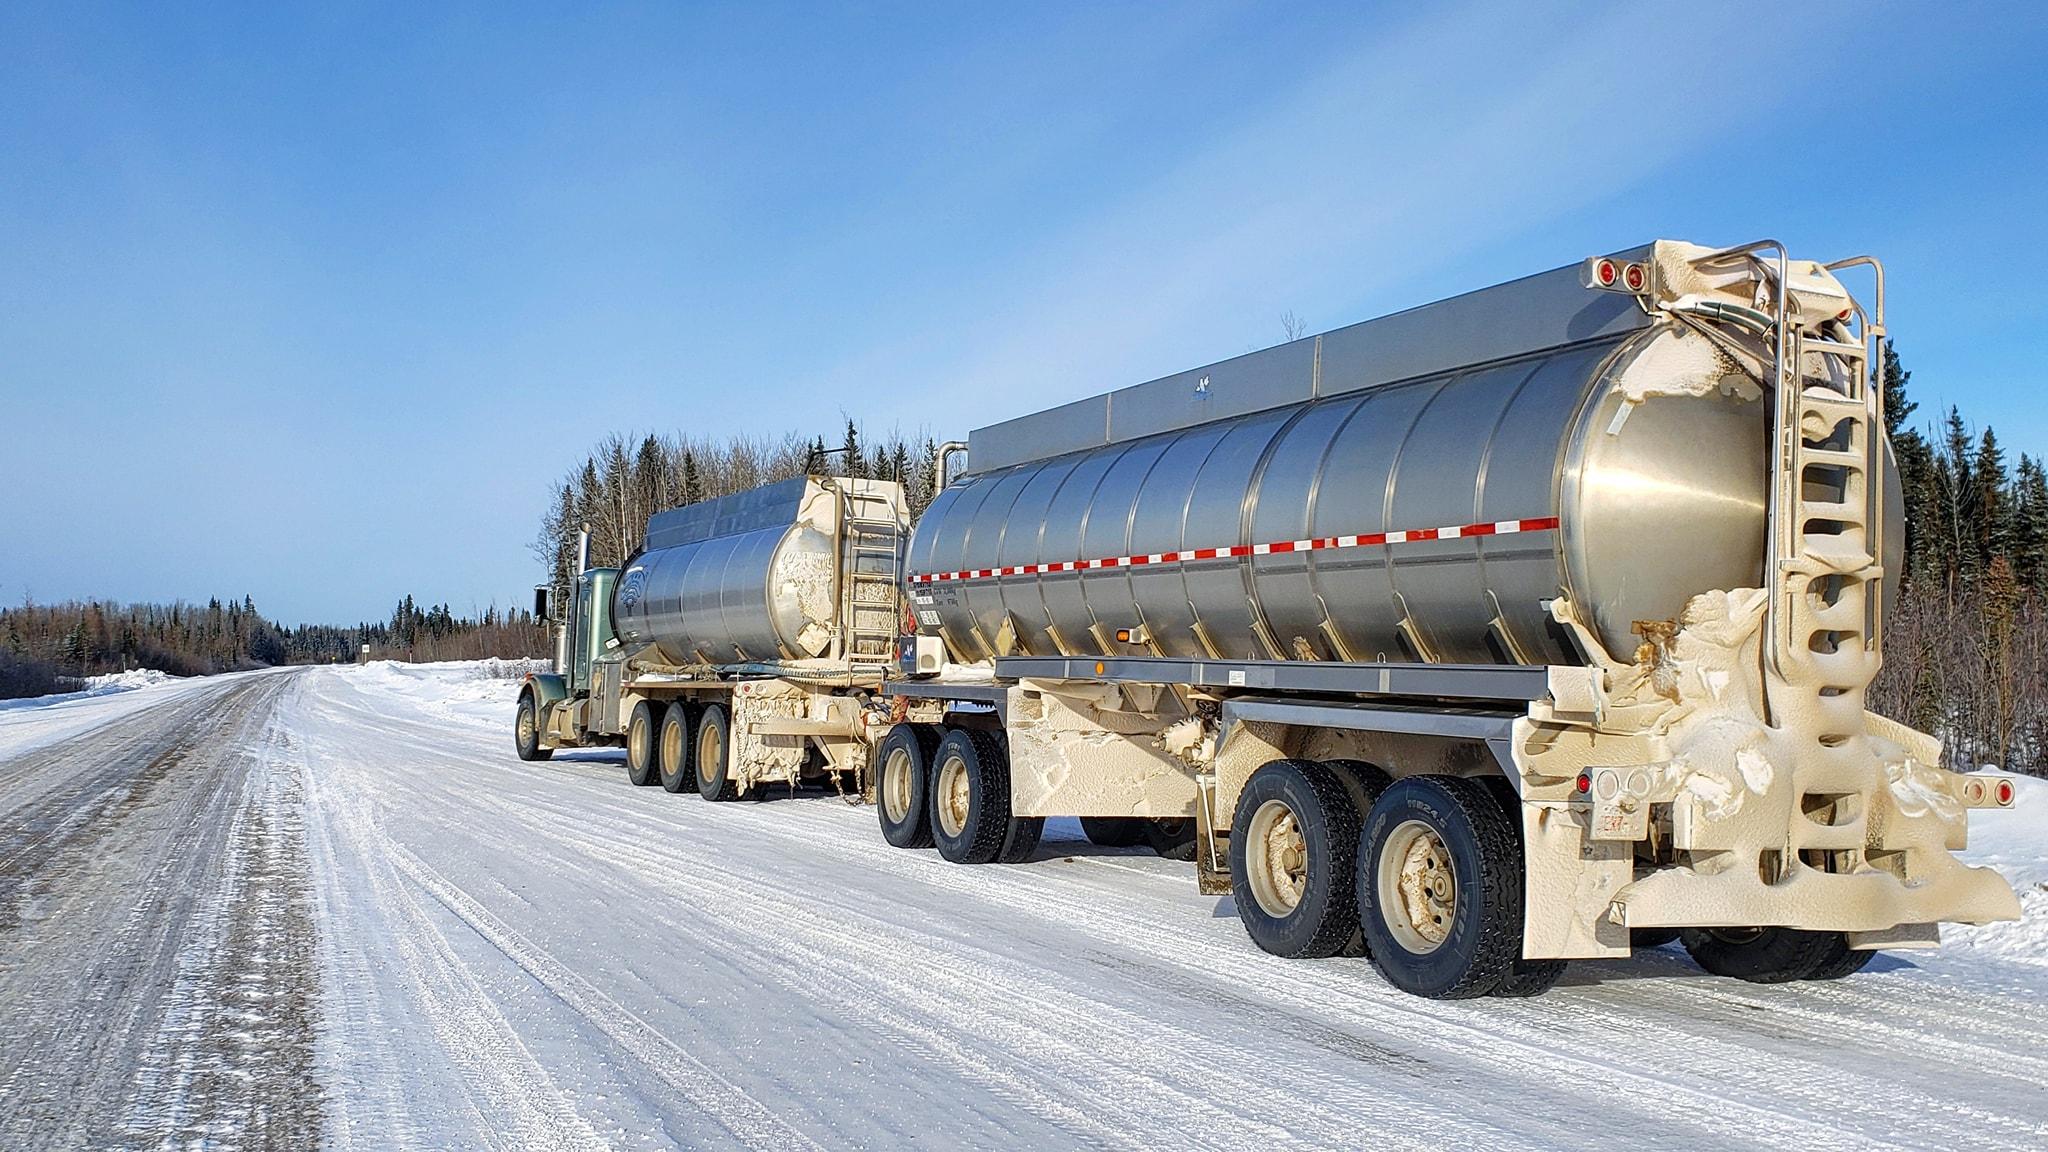 14-2-2020--nu-met-tankwagen-om-meer-thuis-te-zijn-Taber--(10)